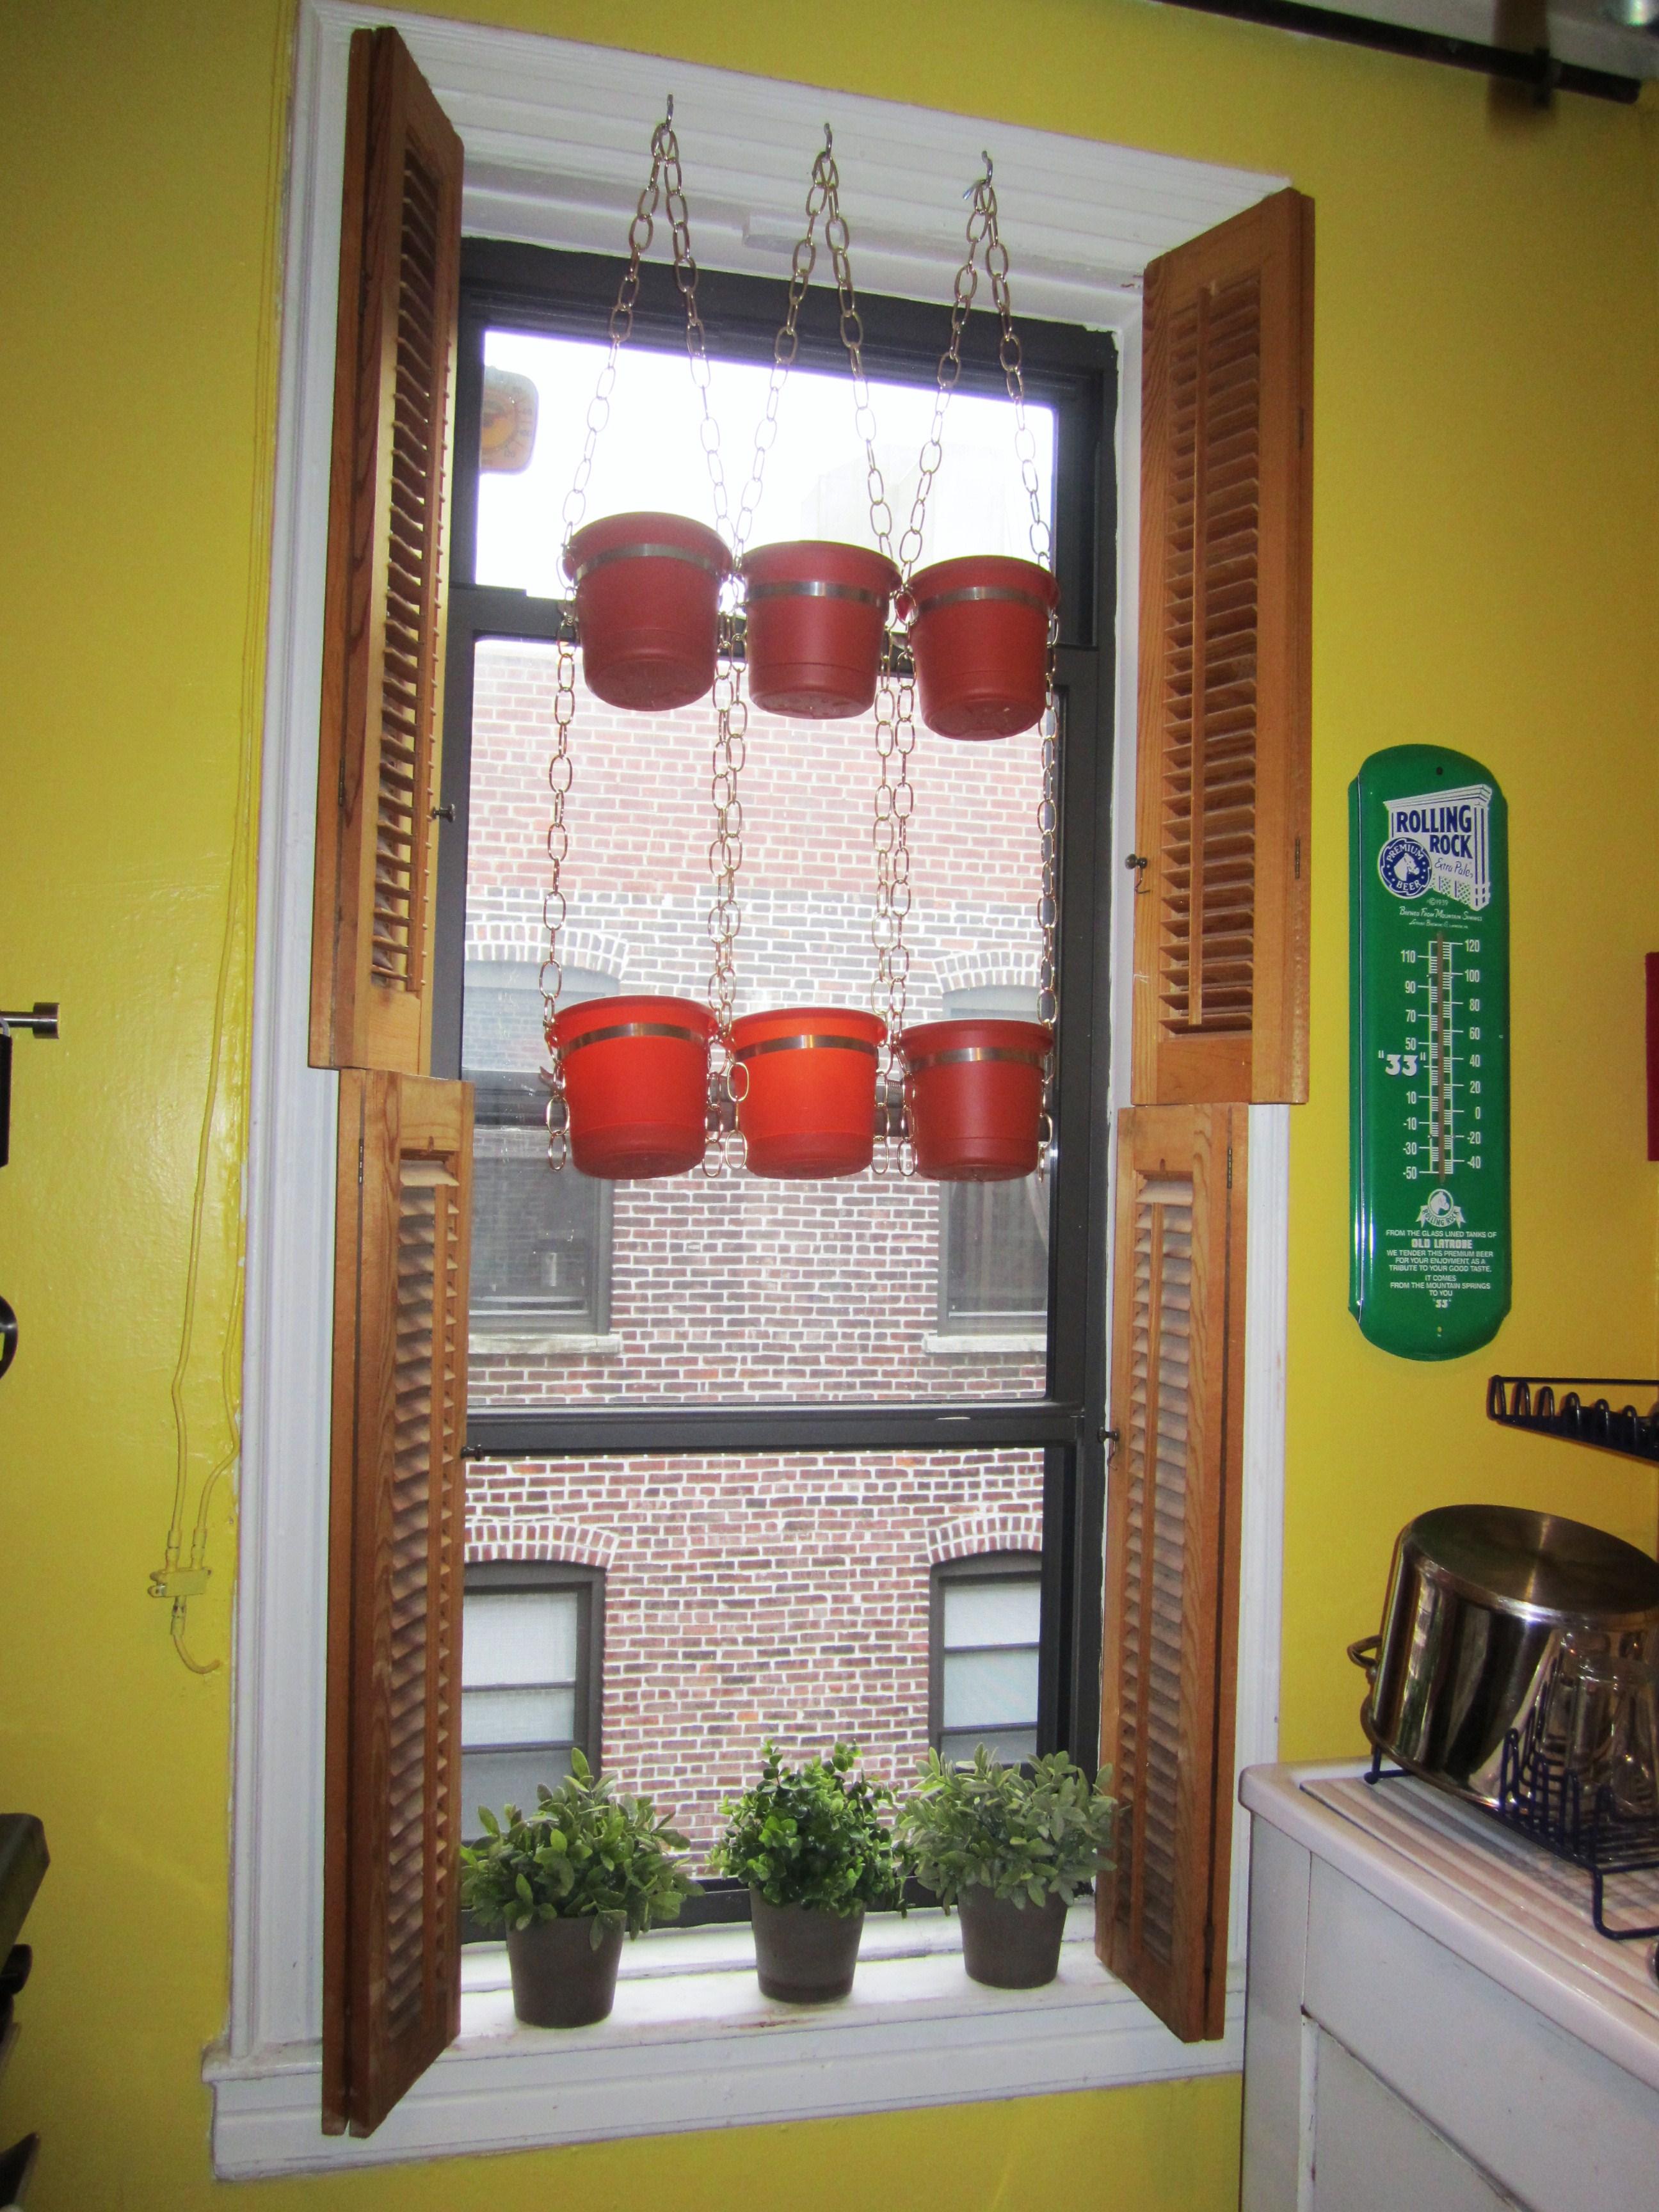 Hanging Window Herb Garden Part - 25: Hanging Window Herb Garden